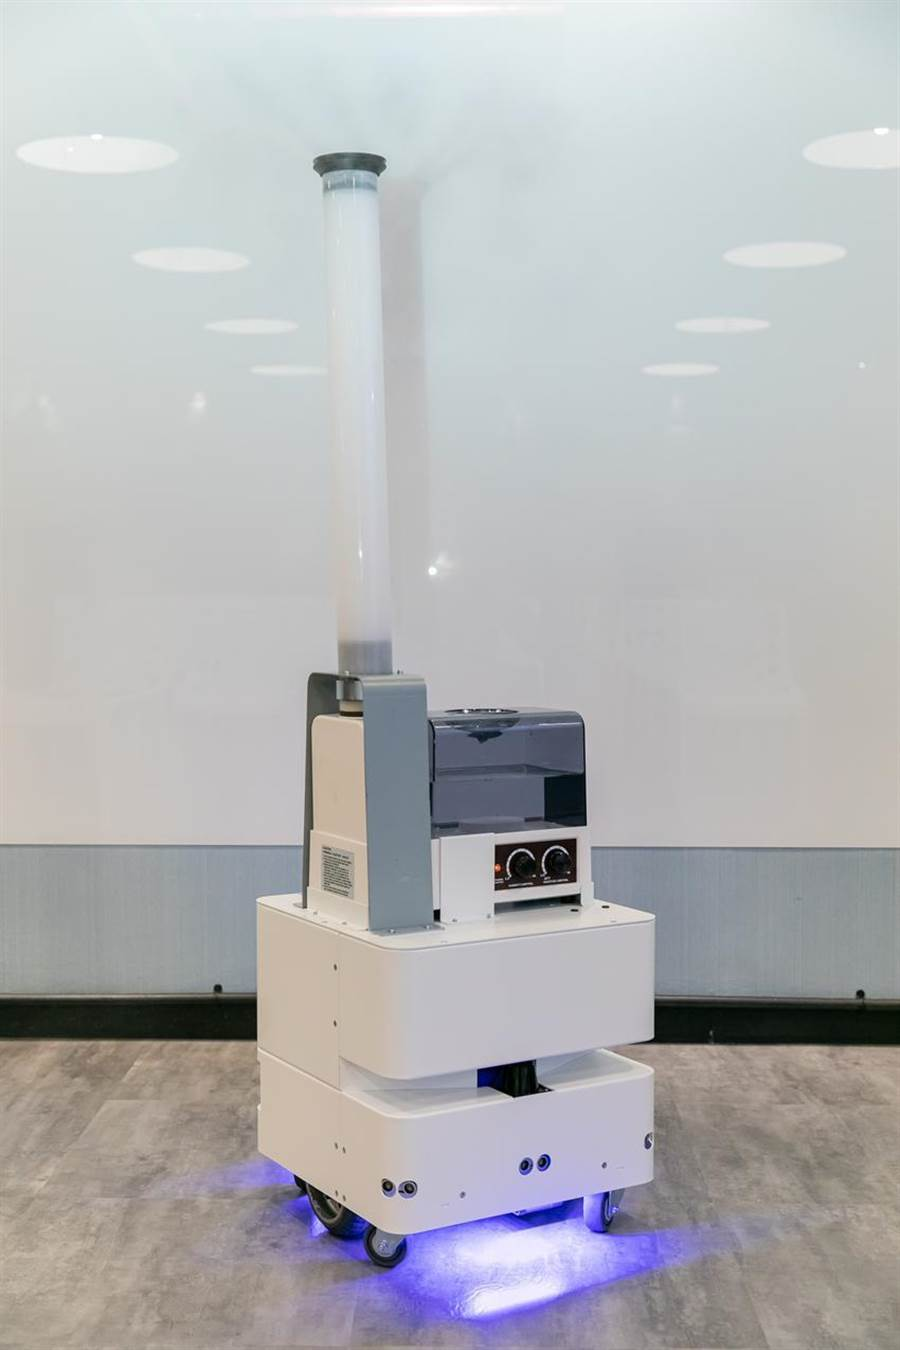 (东元3日发表智慧UVC消毒防疫机器人,以3D列印技术,製作双向360度全面向喷头,进行大面积的喷雾消毒。图/东元提供)